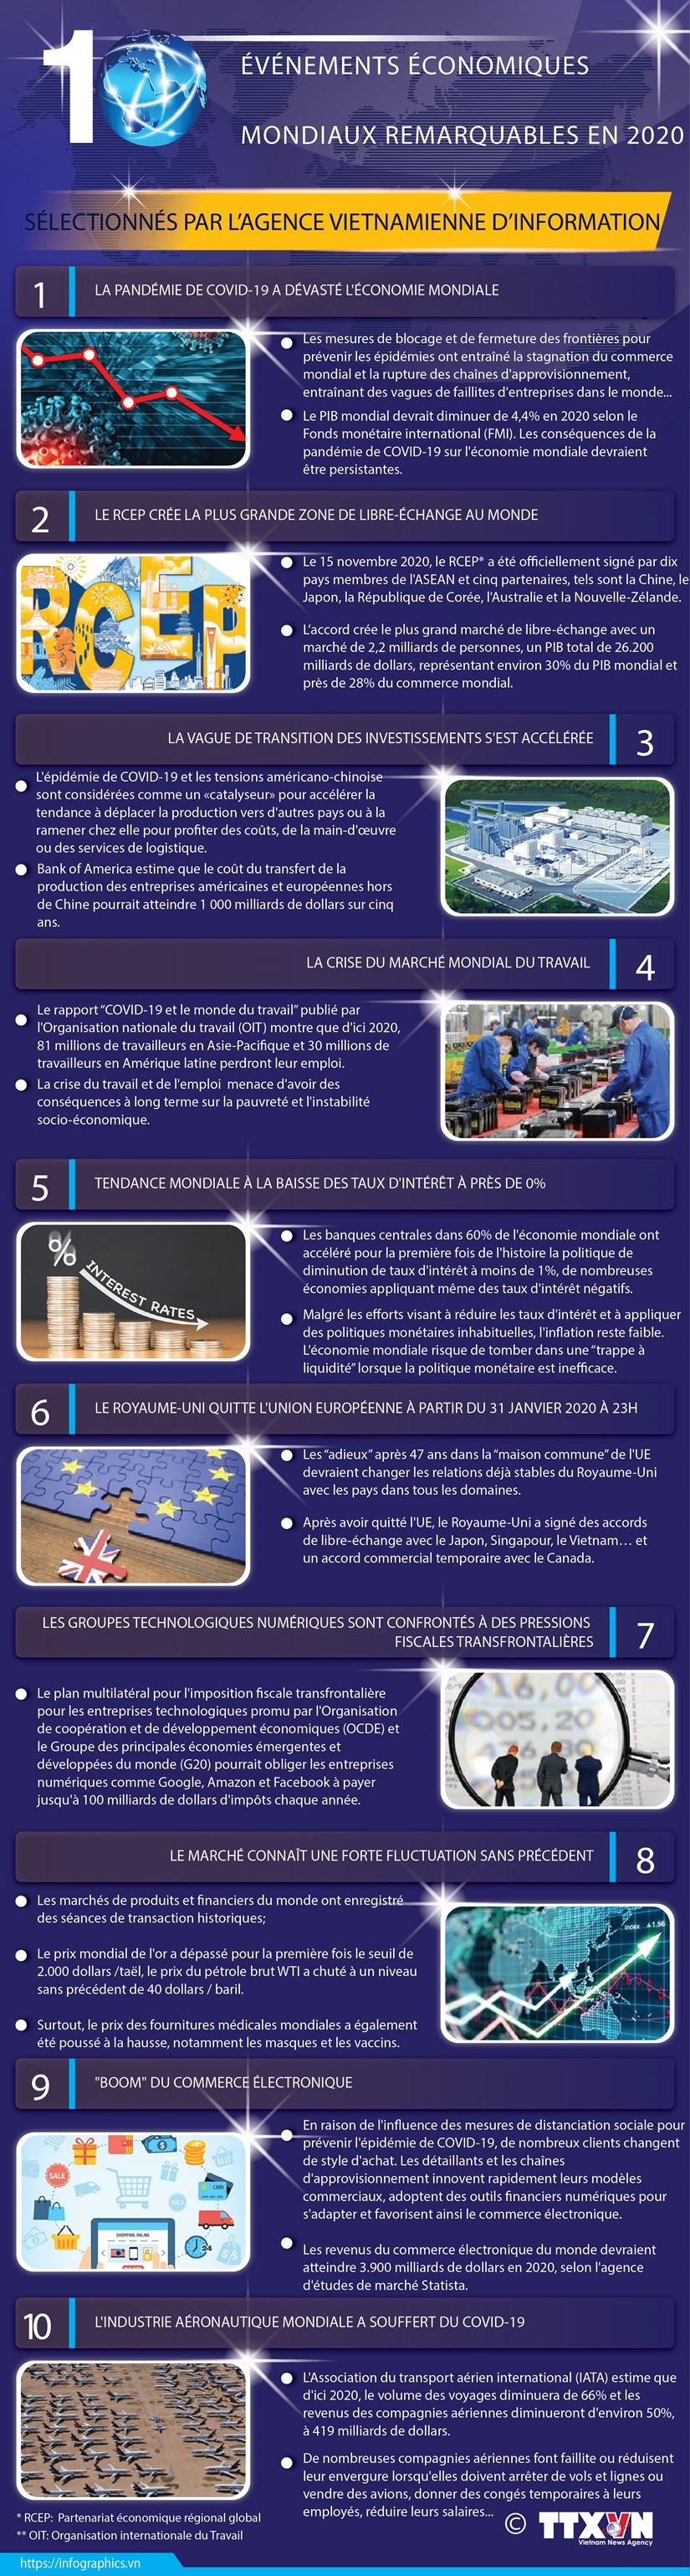 10 evenements economiques mondiaux remarquables en 2020 hinh anh 1